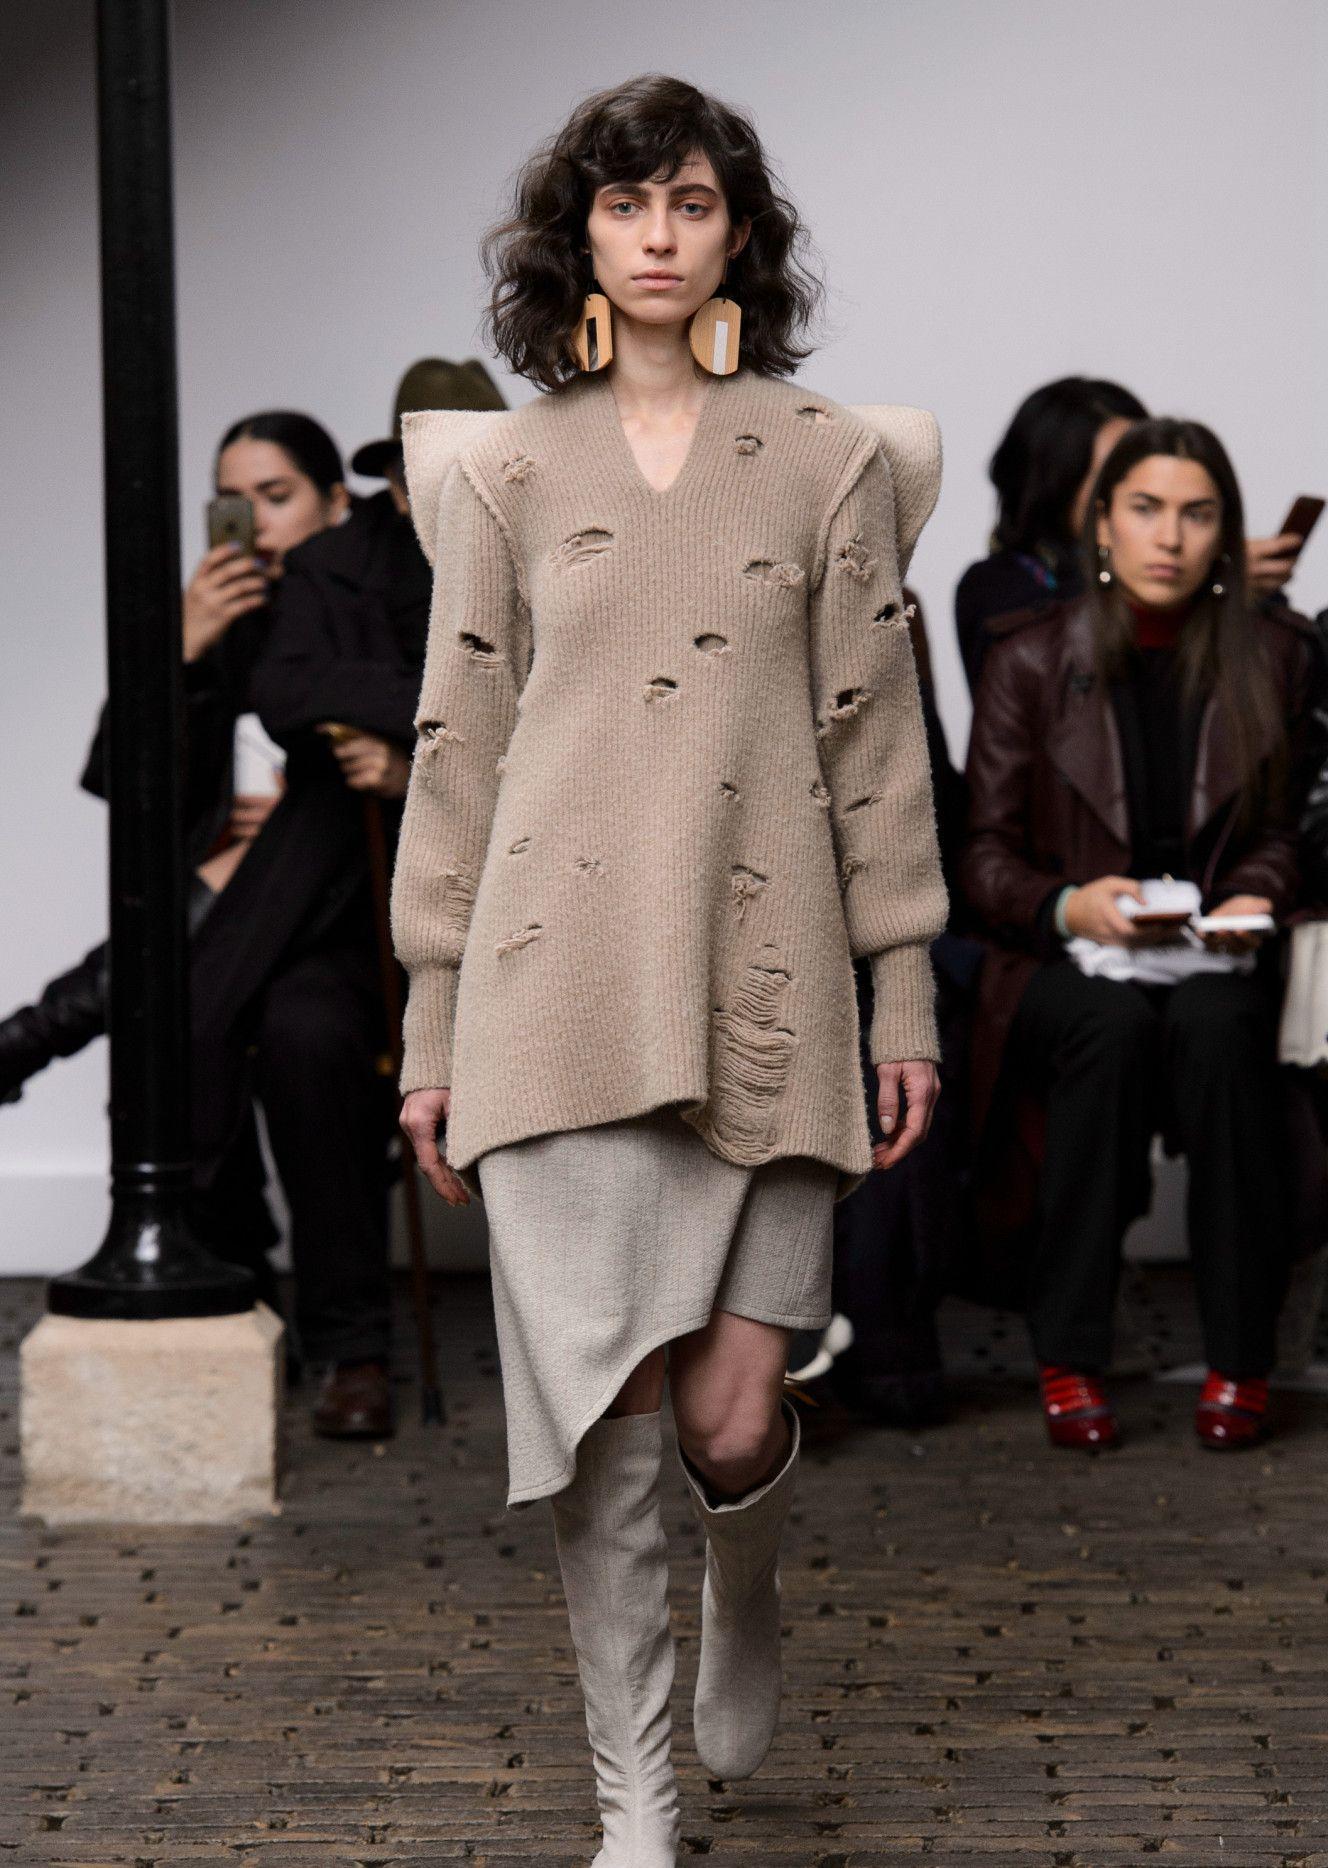 重又不失华丽优雅,裙撑是此次设计中架构造型的重点,优雅而轻便